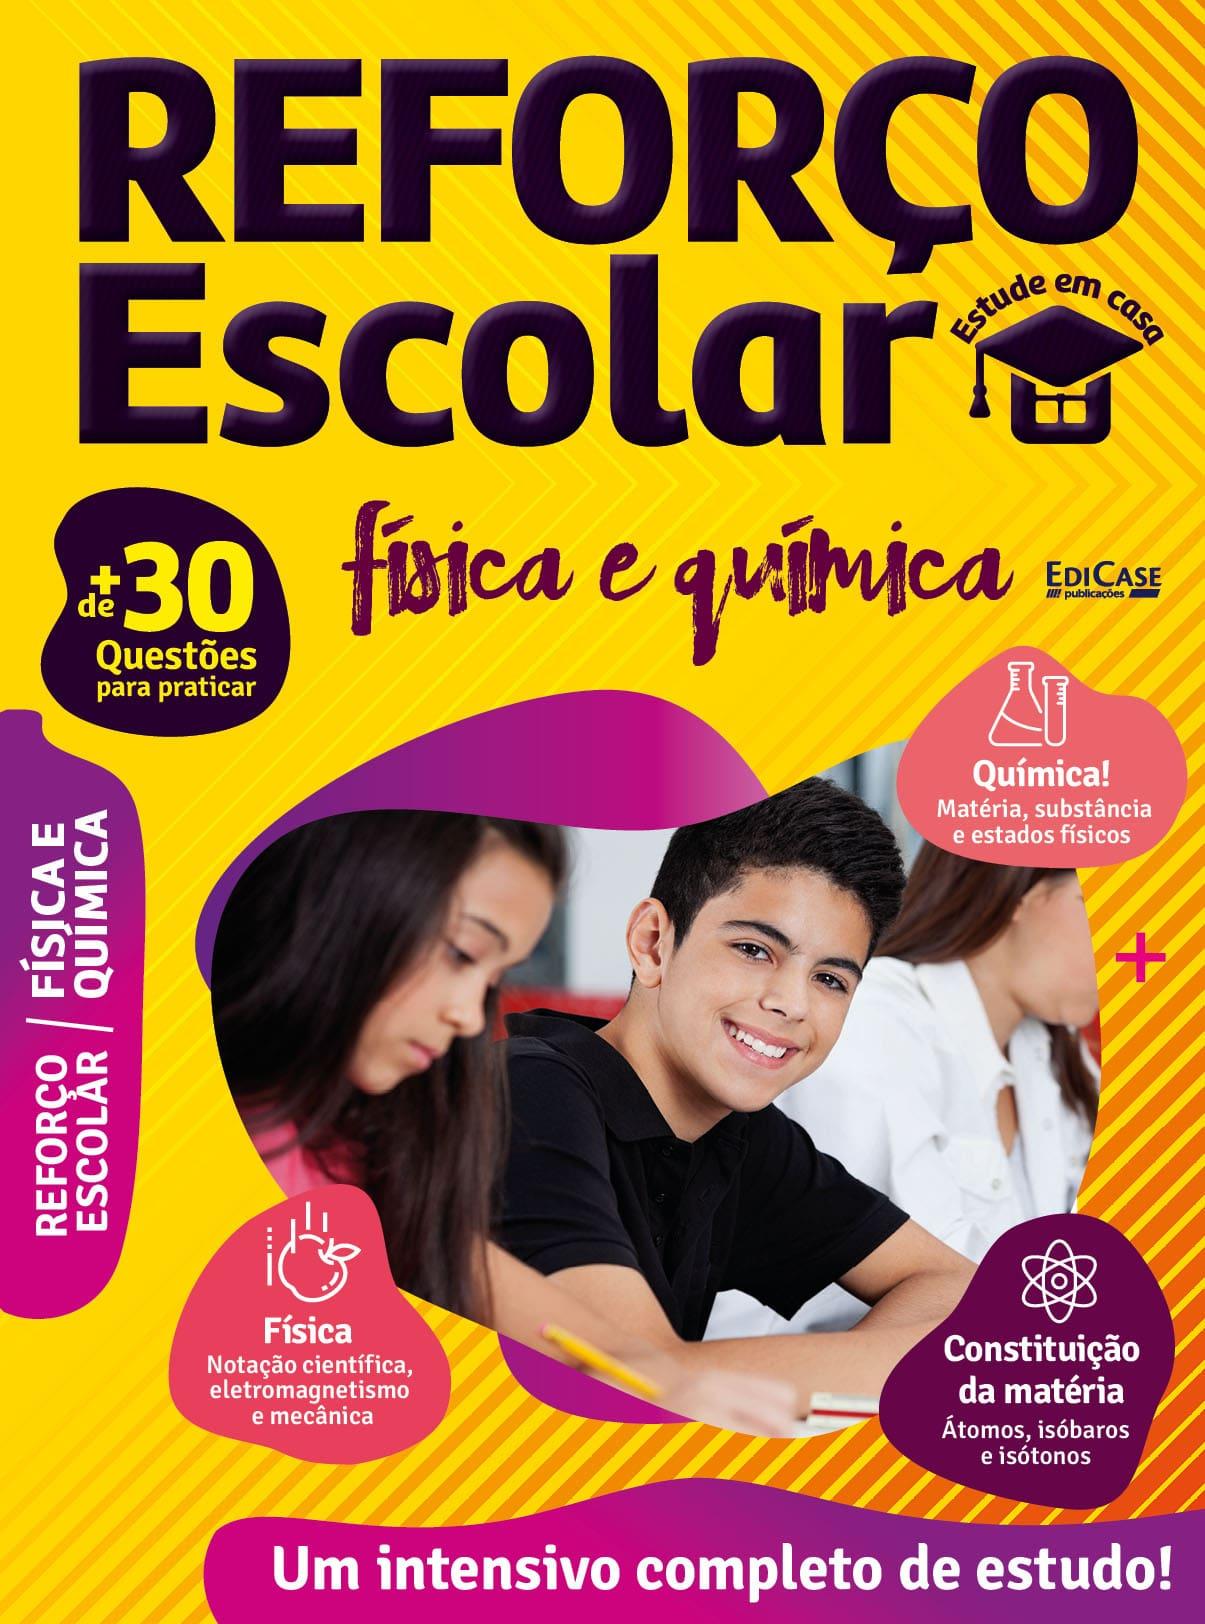 Reforço Escolar - Estude em Casa Ed. 04 - Física e Química